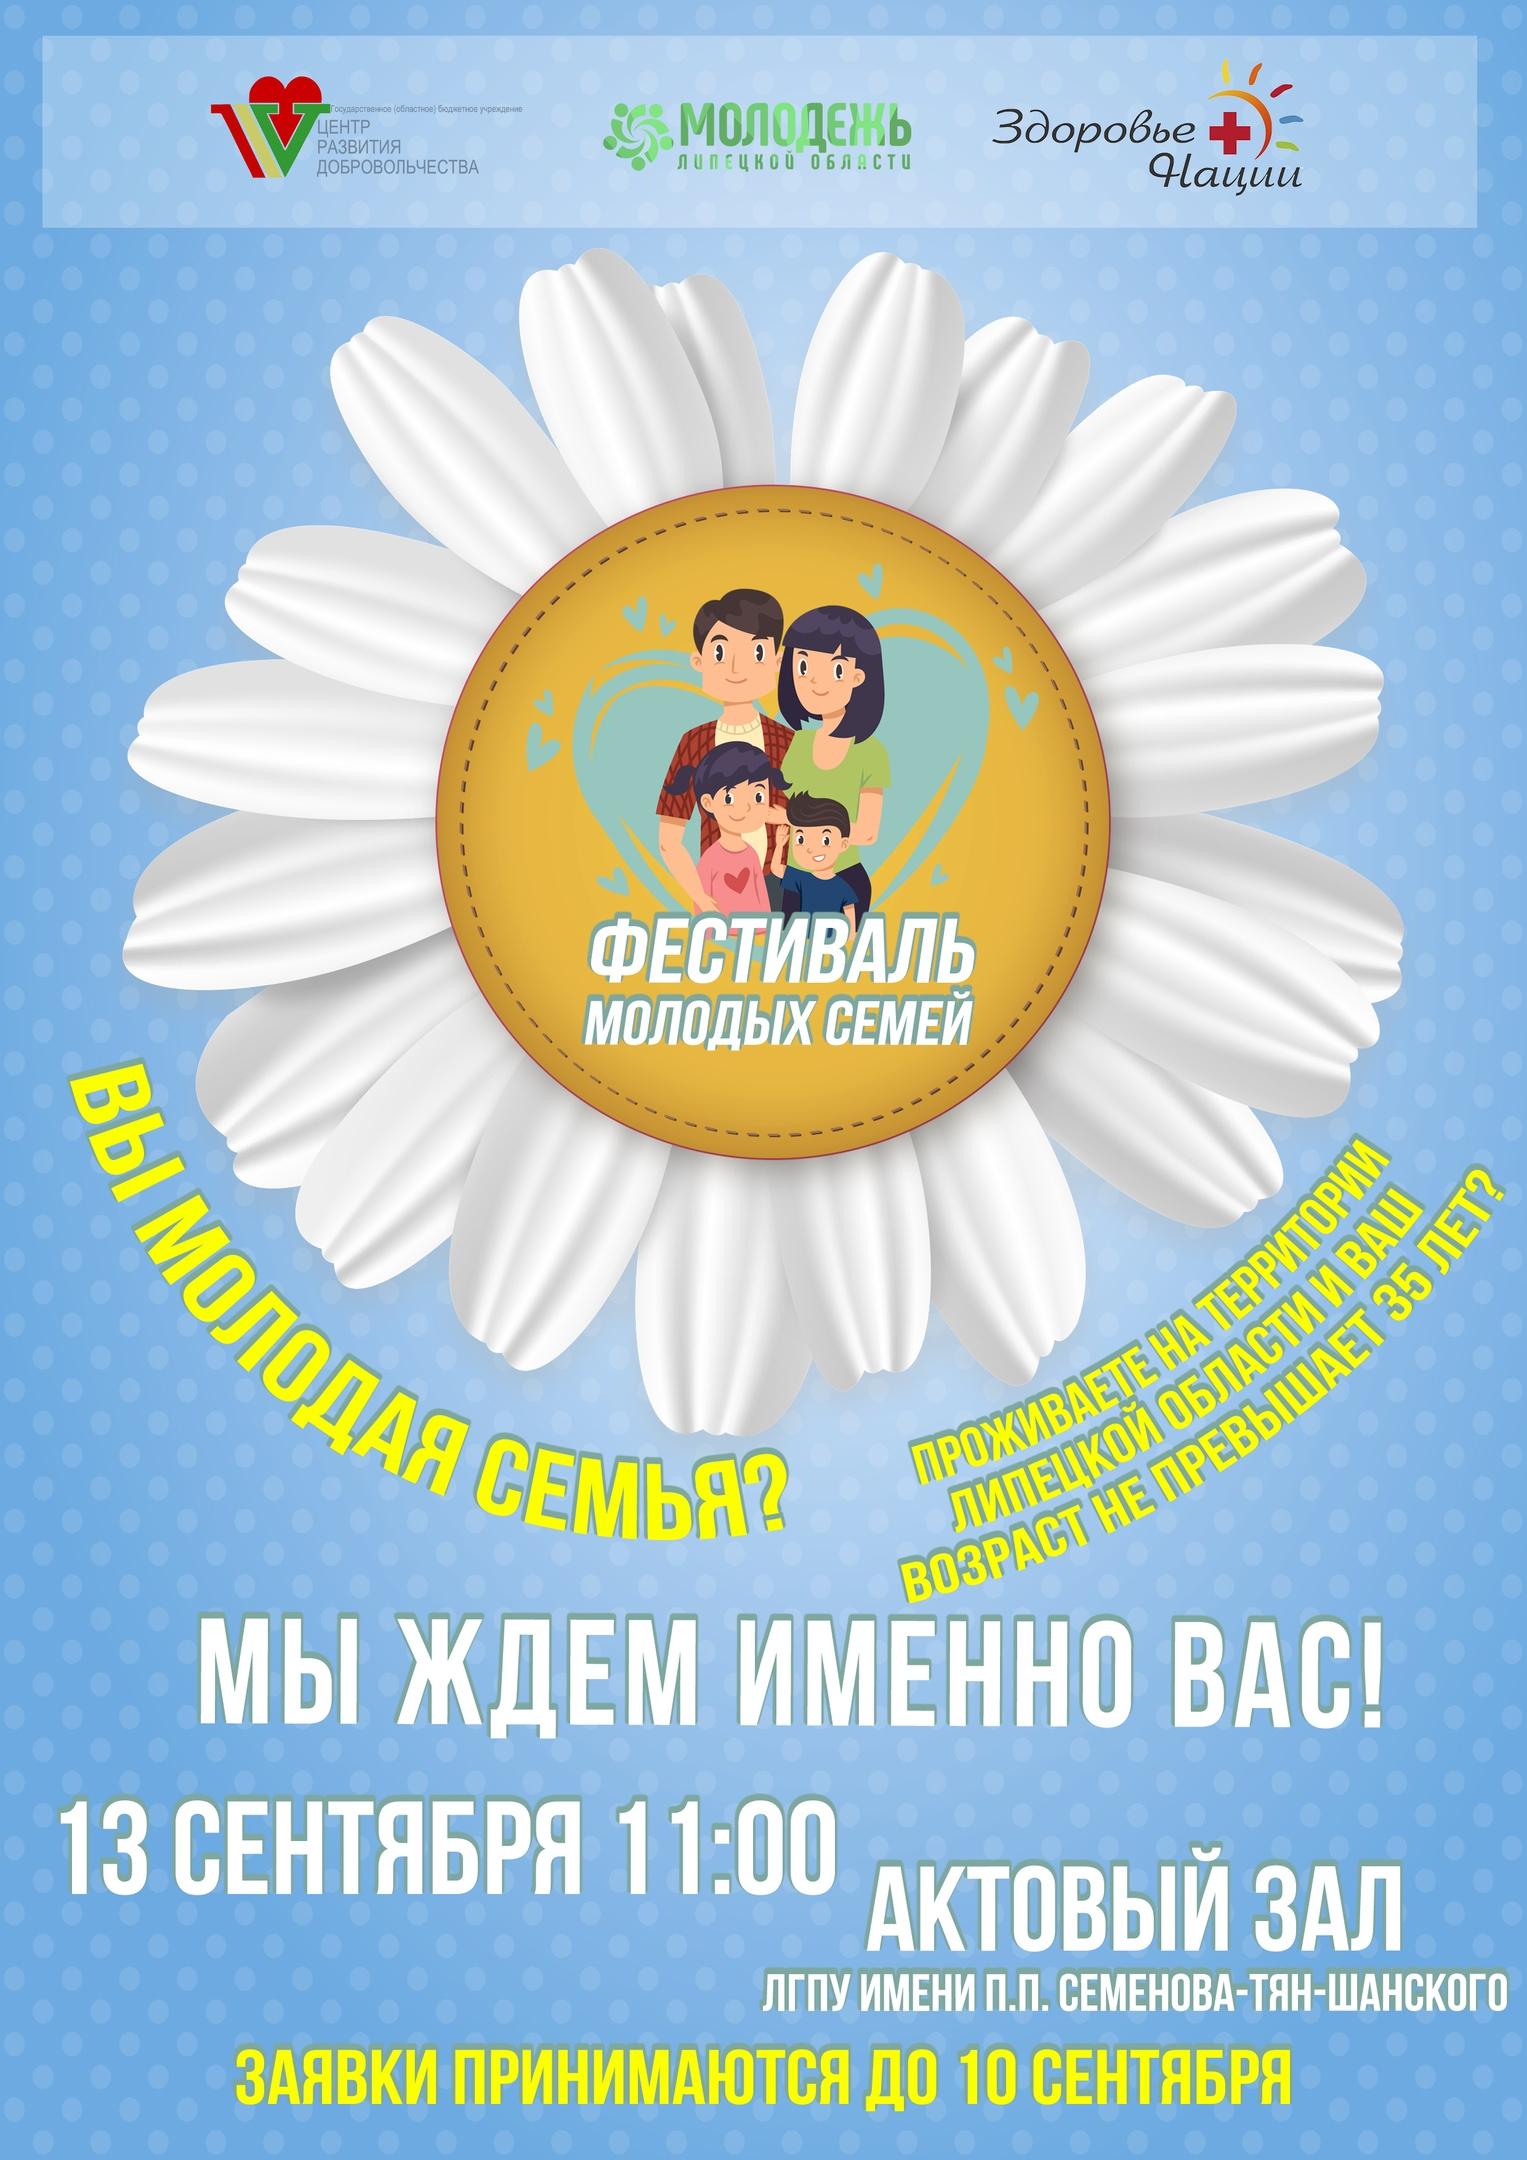 Семья- опора государства. В Липецке пройдет фестиваль молодых семей — Изображение 1